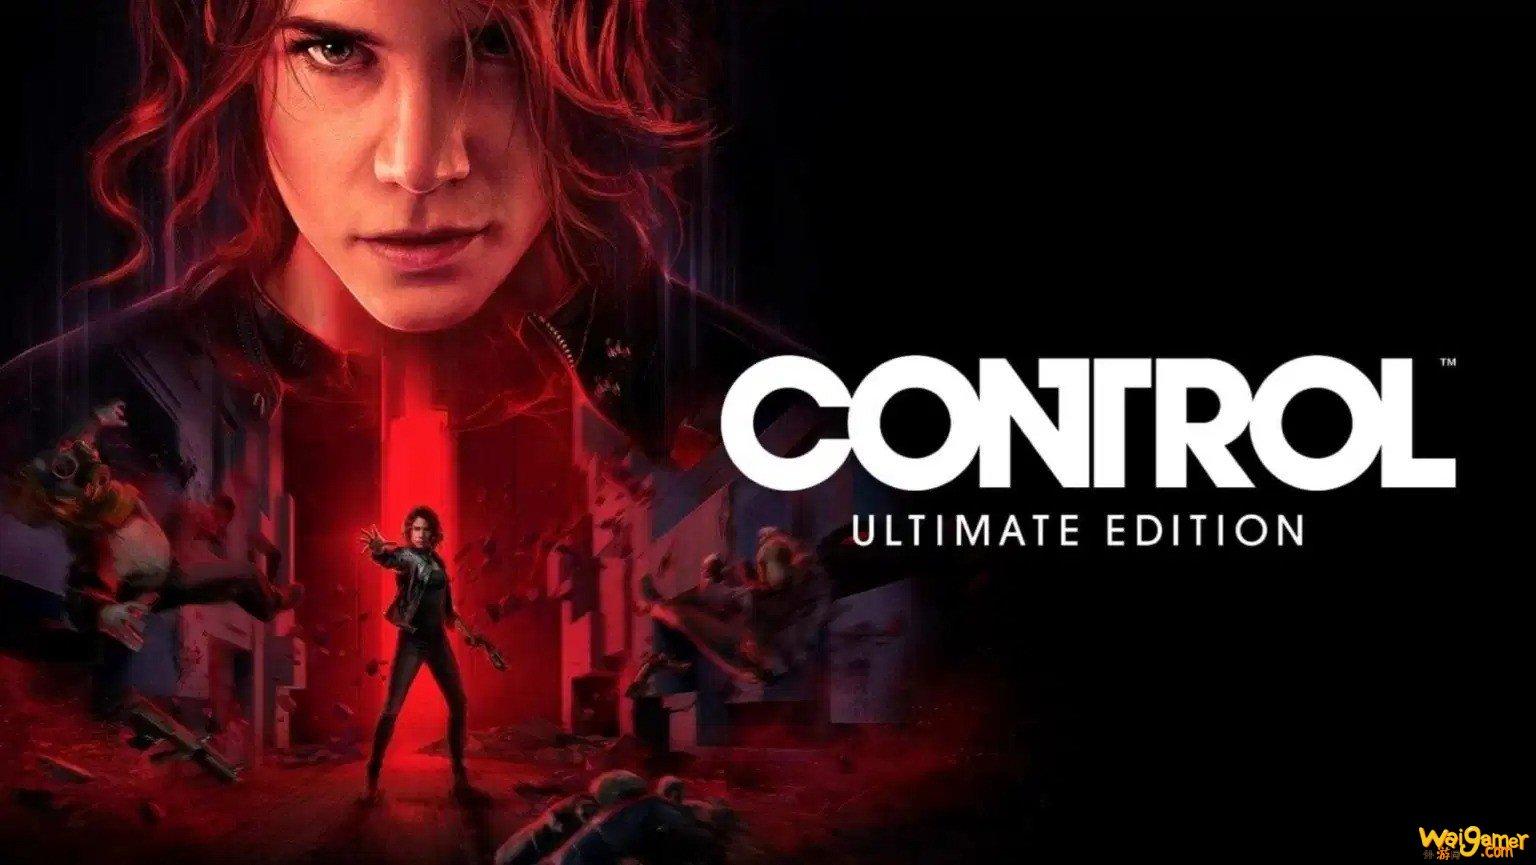 《控制》终极版即将上线主机端,斧牛加速器最新详情介绍!